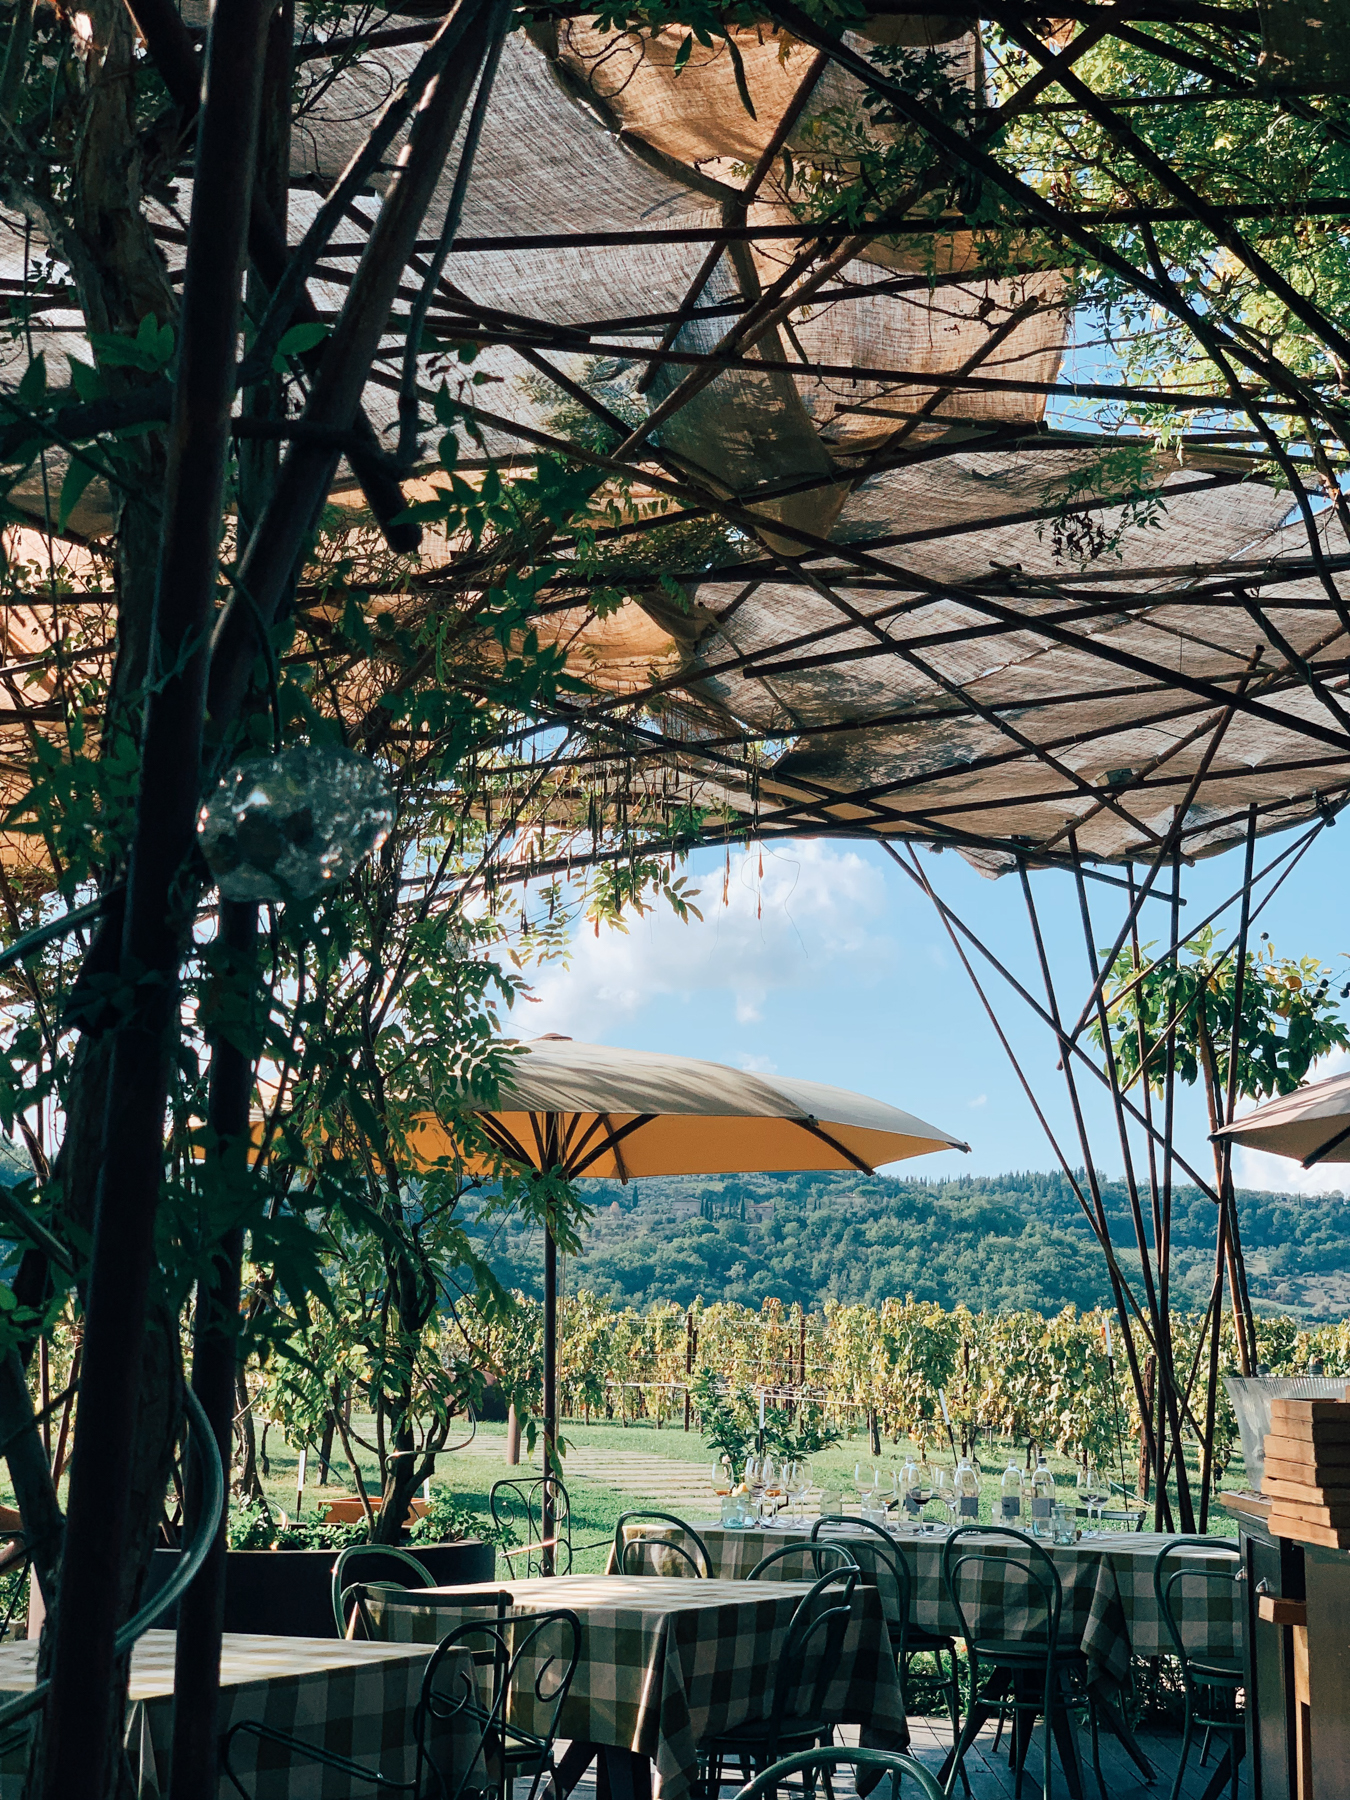 The patio at Antinori.